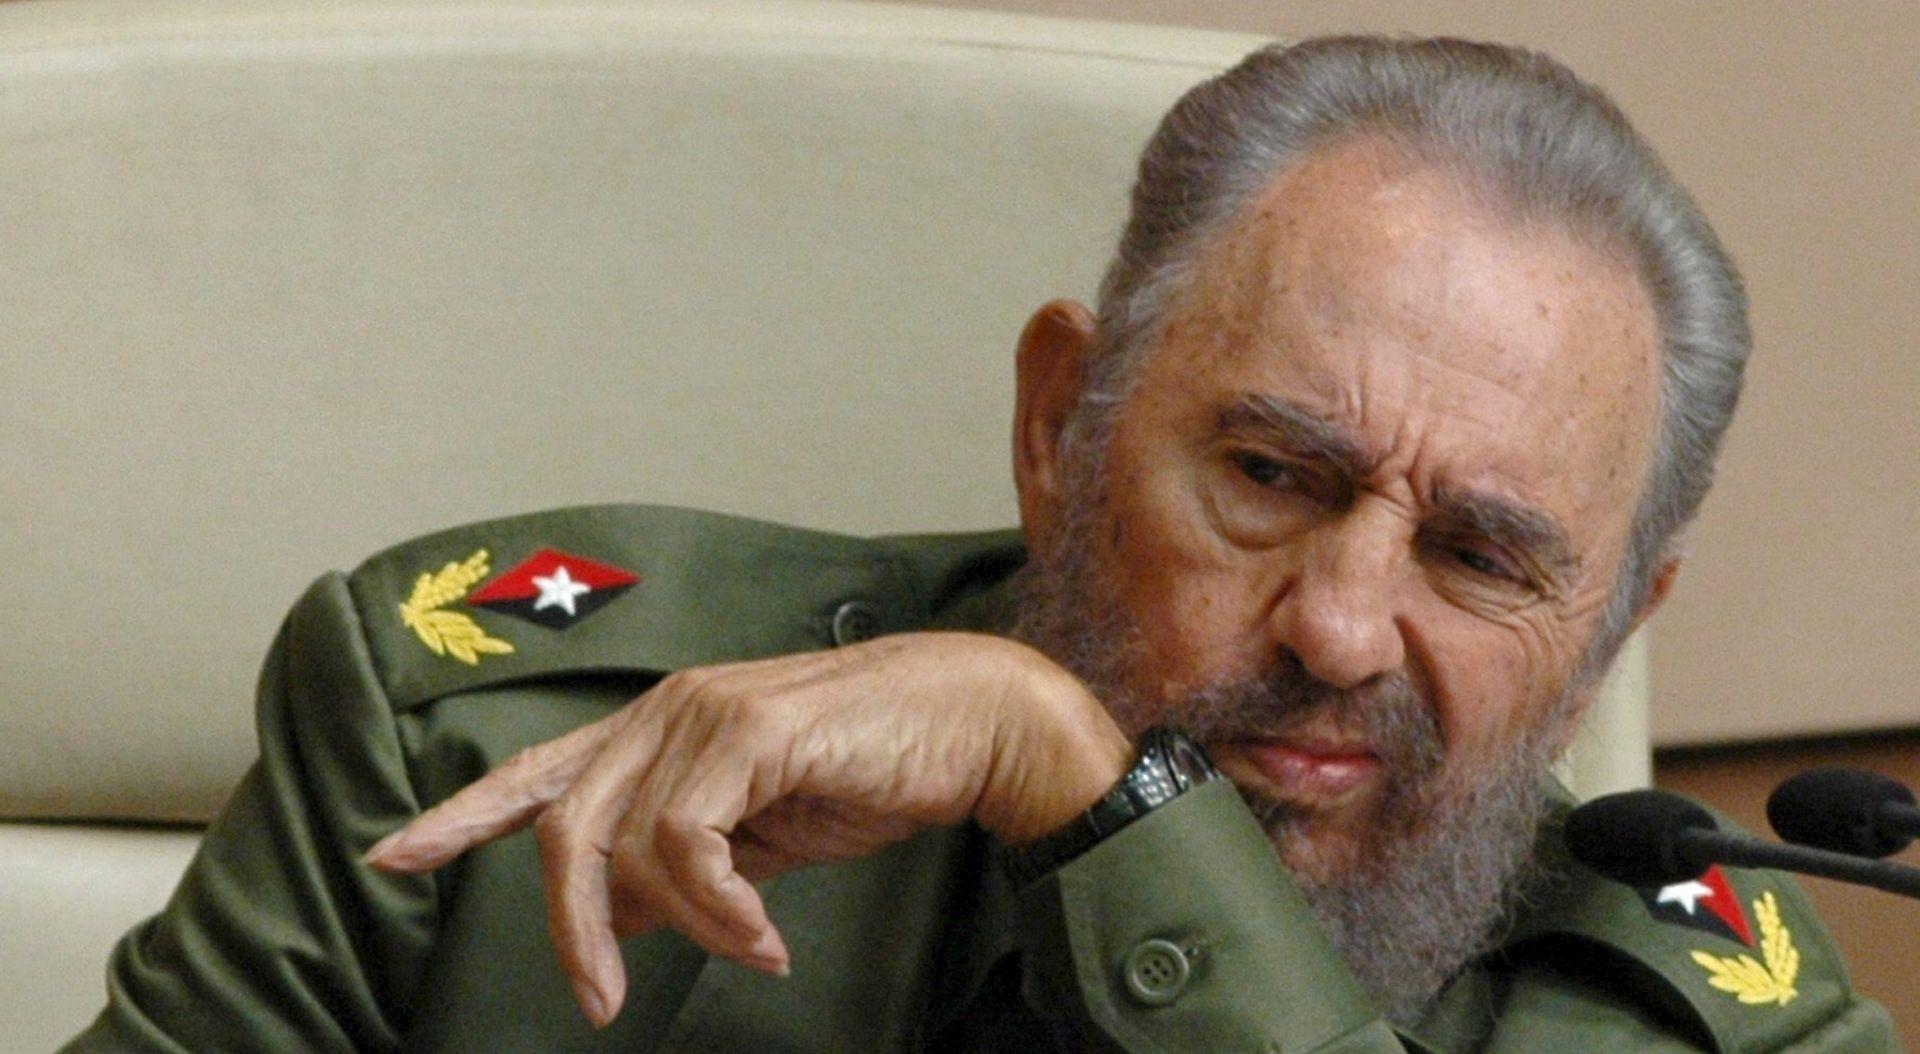 Svjetski čelnici odaju počast preminulom Castru, dok ga drugi nazivaju 'tiraninom'